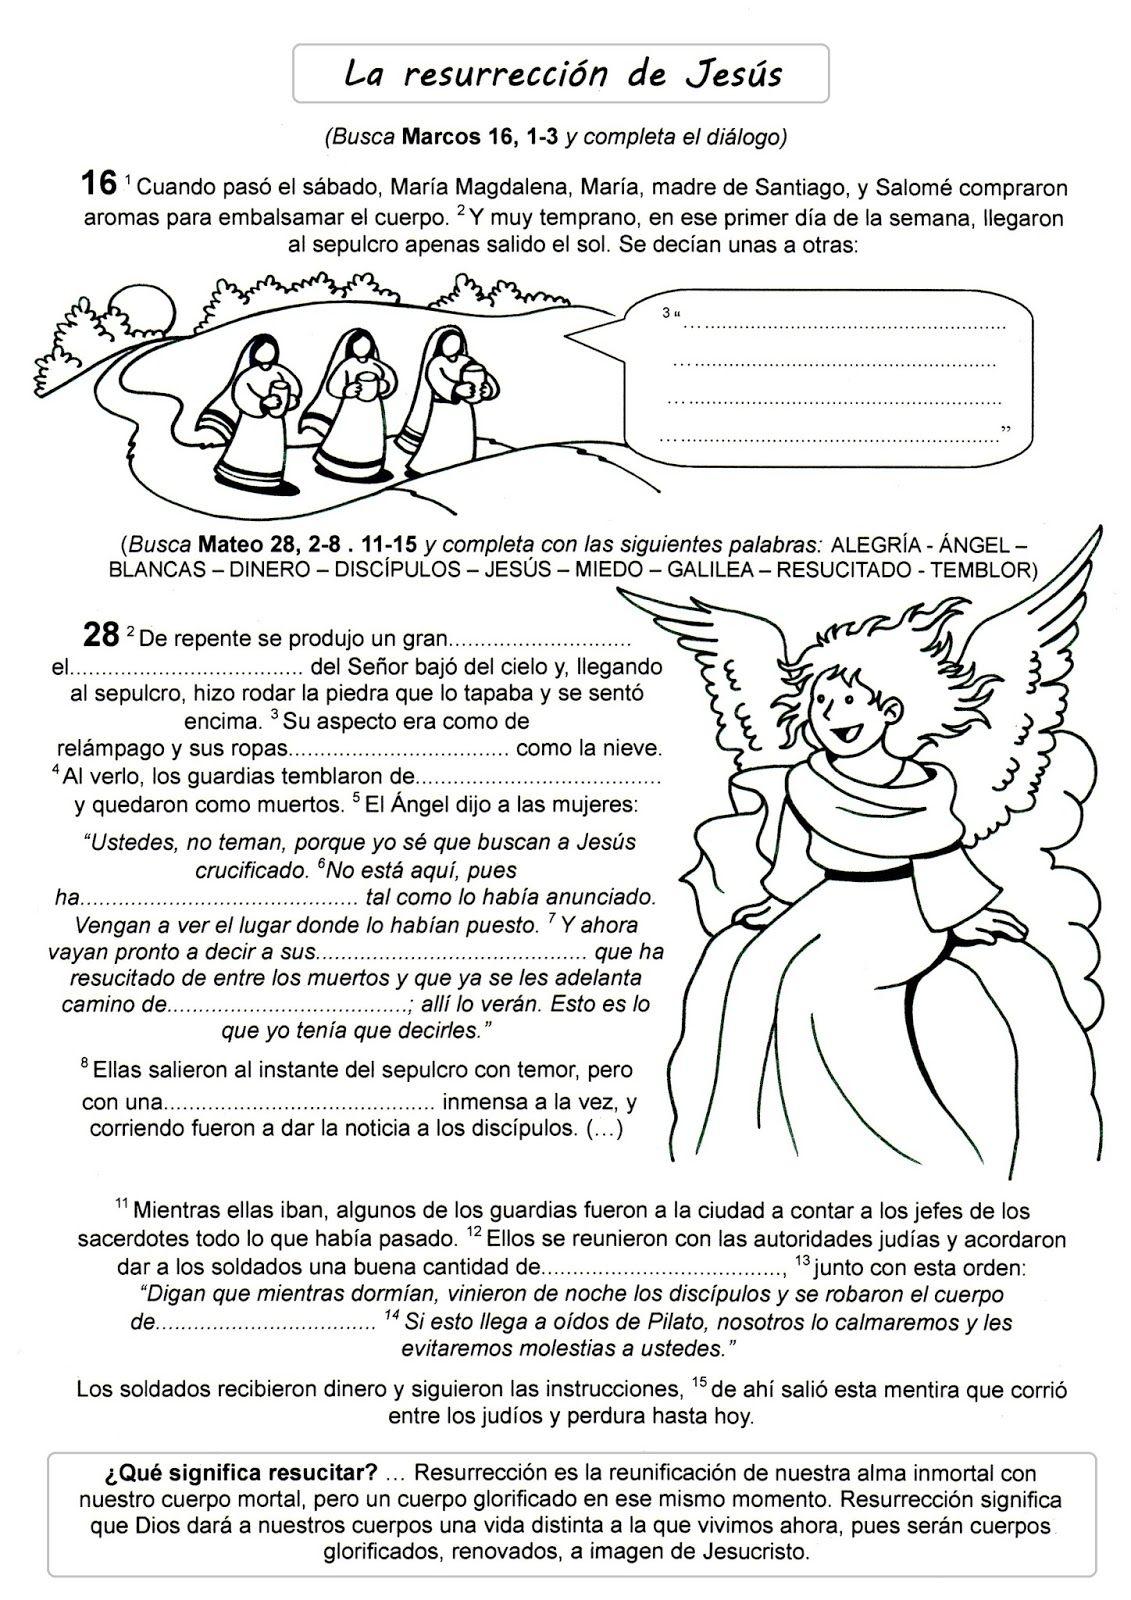 39 La Resurreccion Jpg 1131 1600 Resurreccion De Jesus Manualidades De Iglesia Para Niños Enseñanza De La Historia